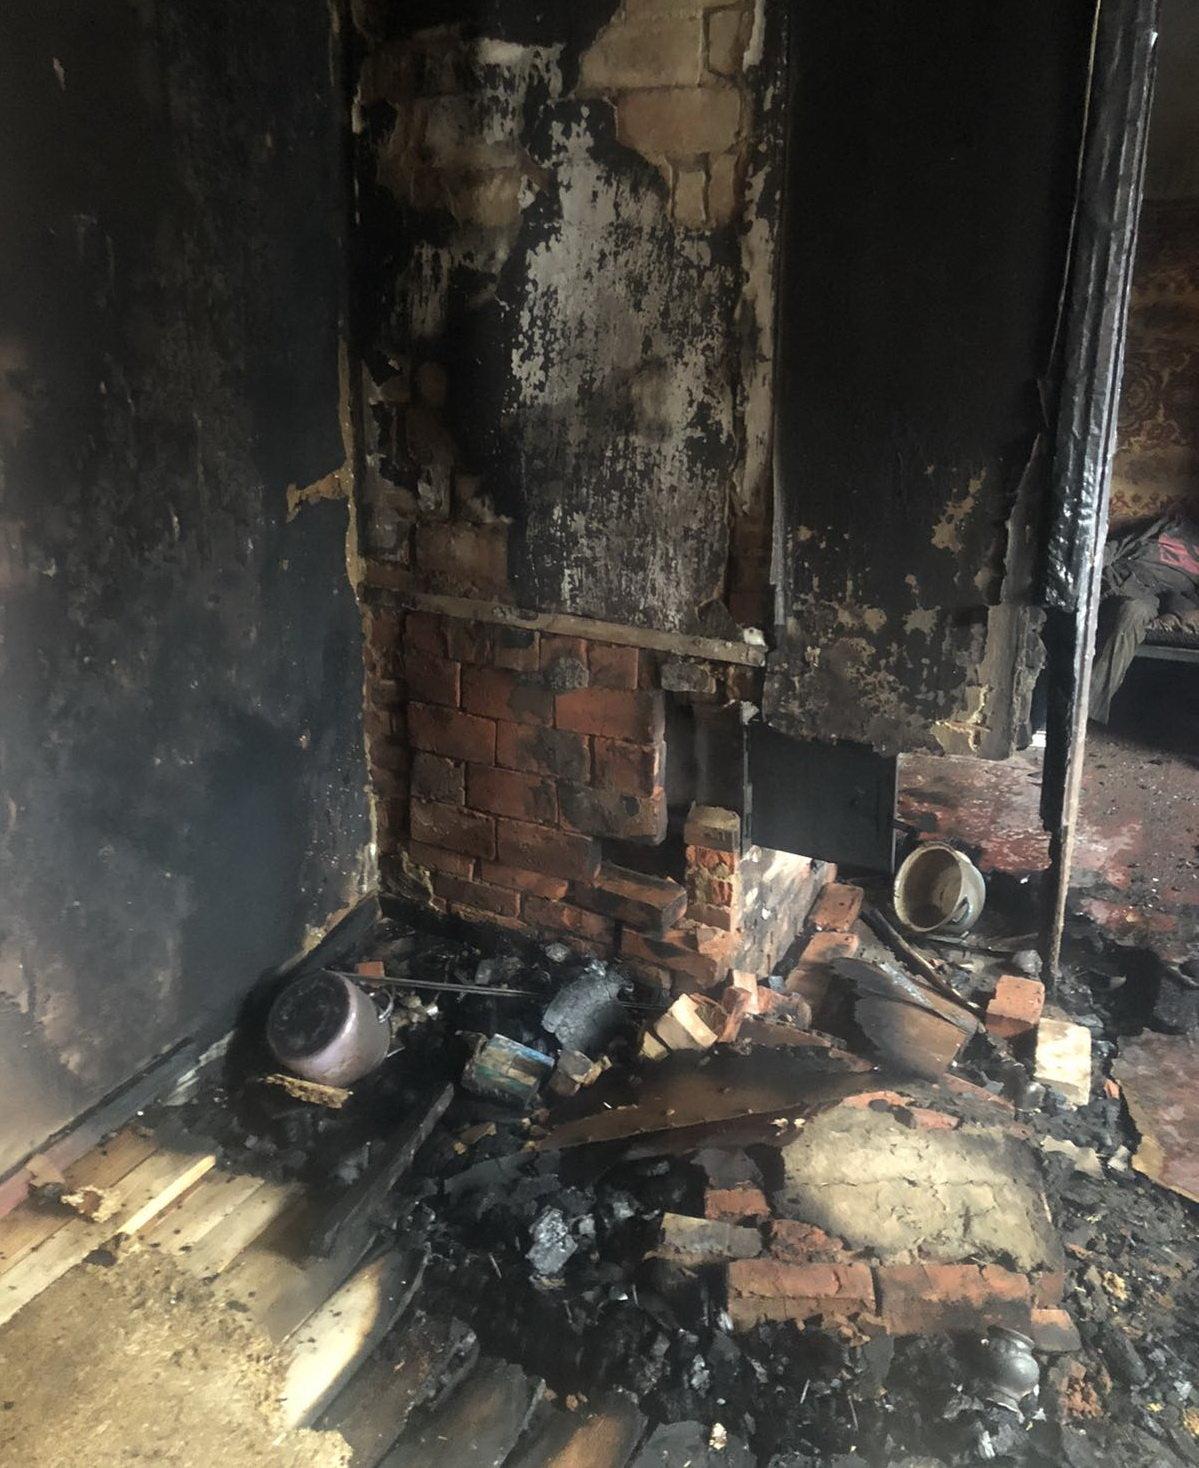 Отравился угарным газом: на Харьковщине во время пожара погиб пенсионер, - ФОТО, фото-1